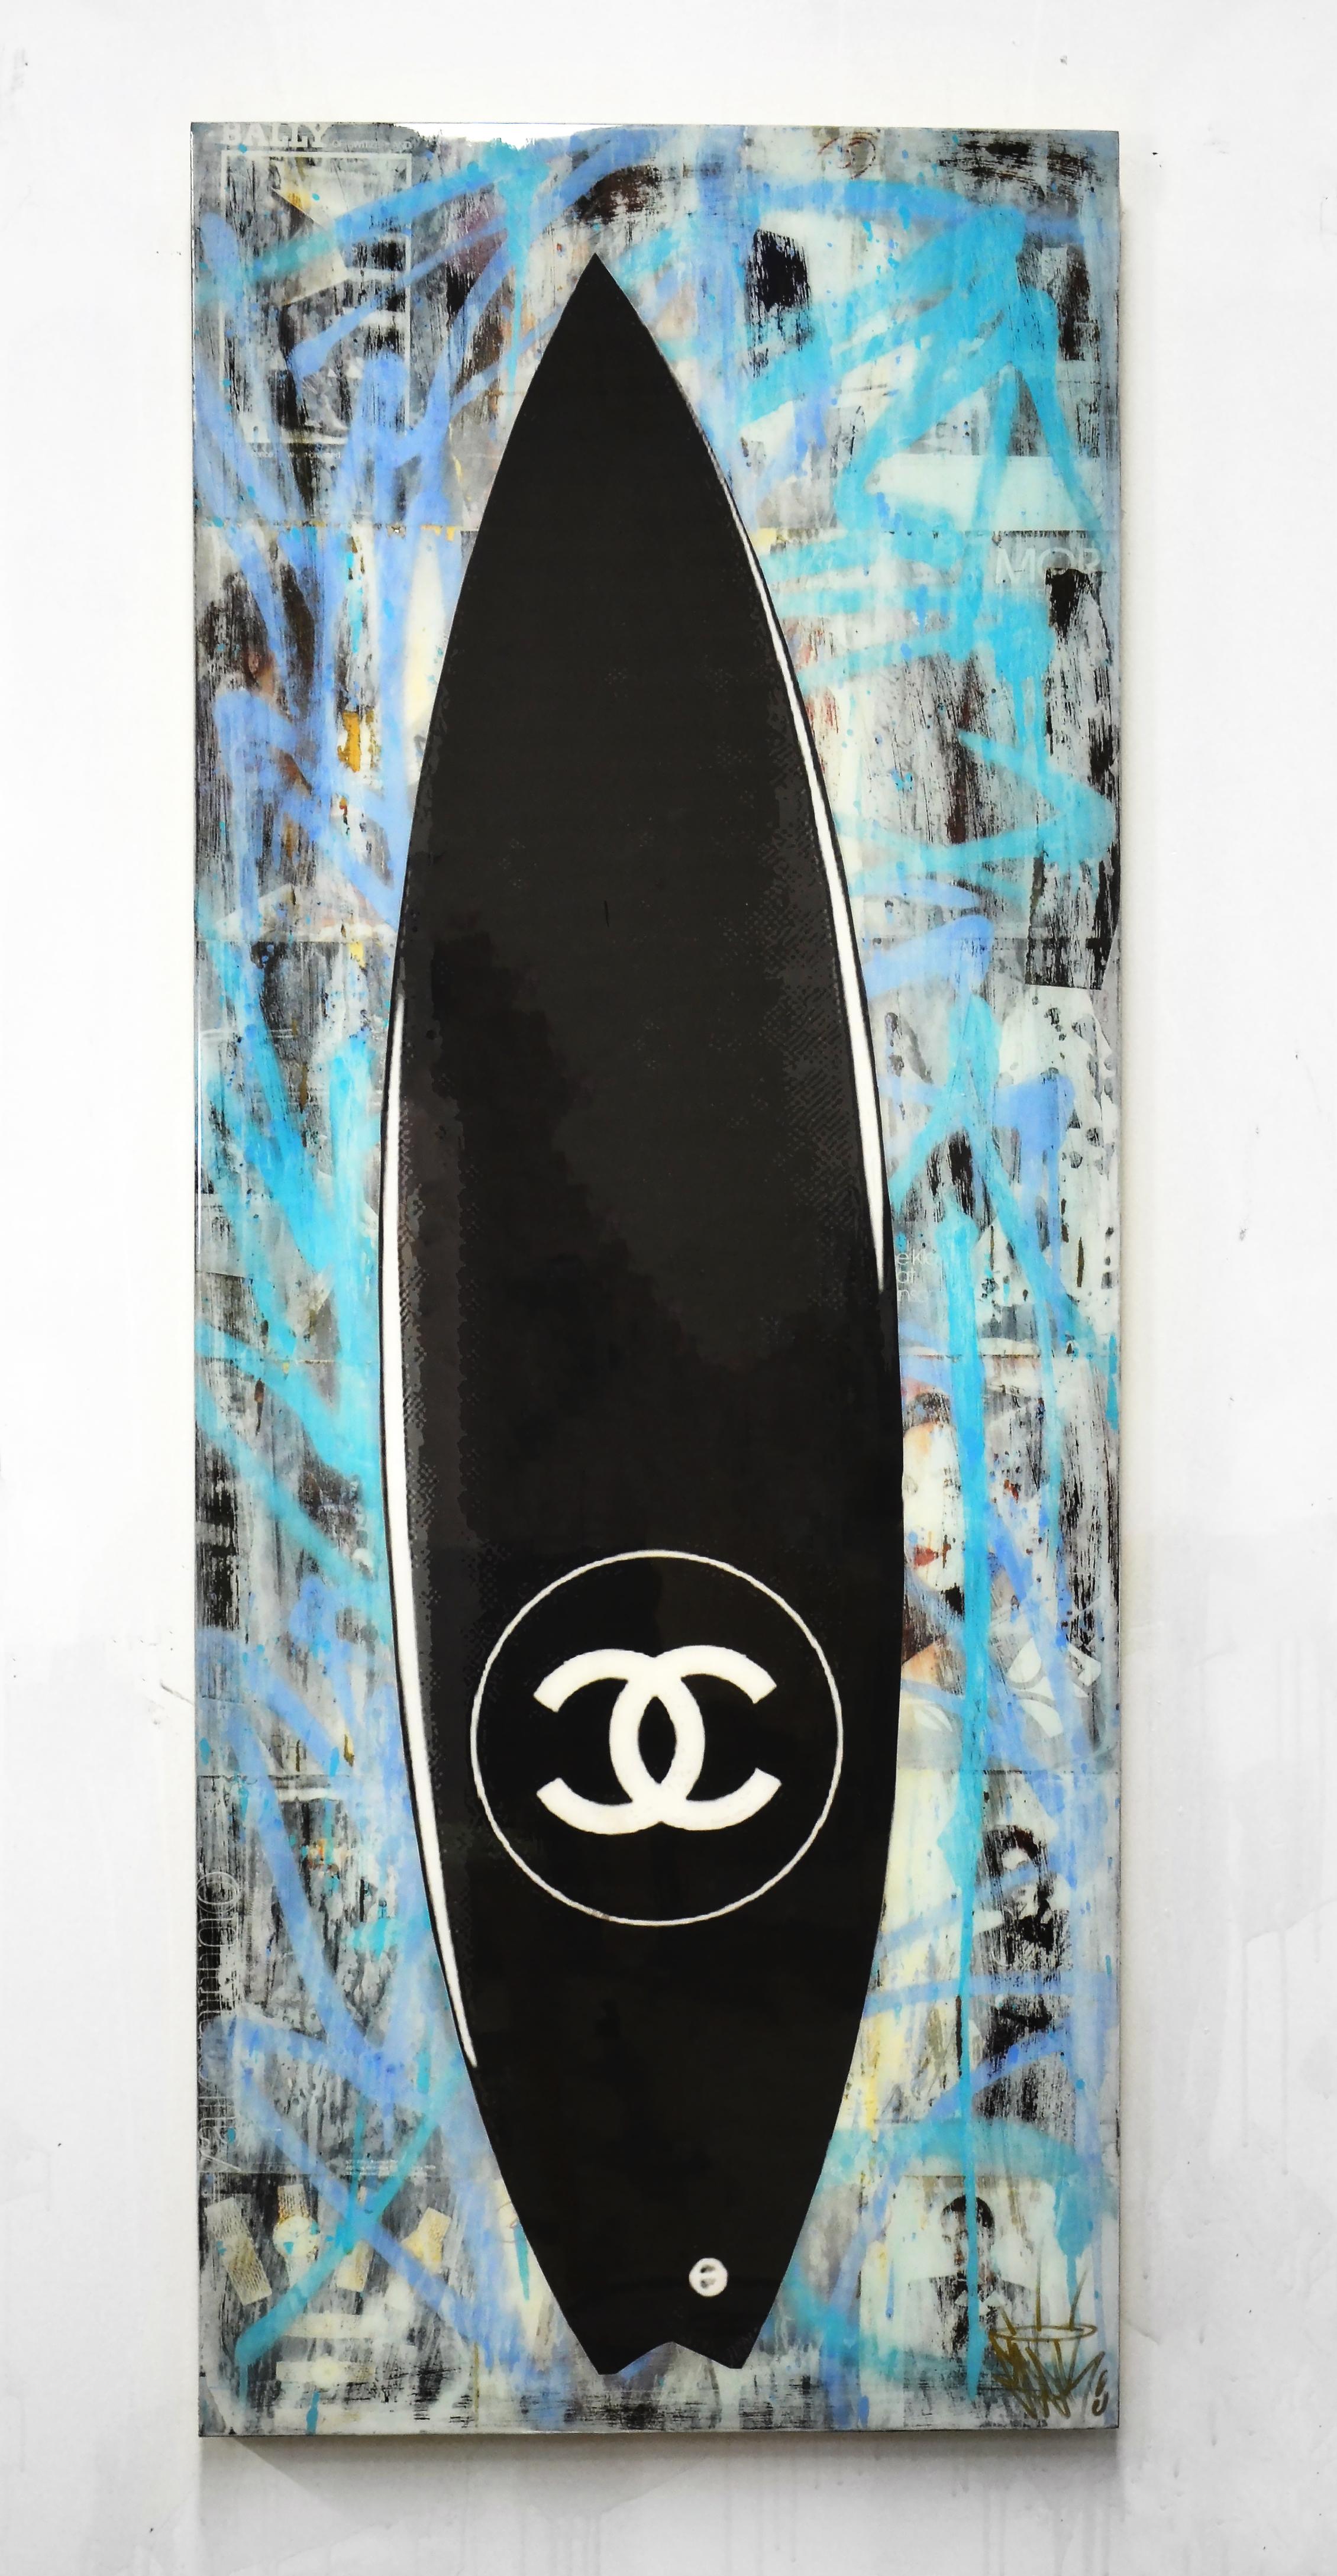 Chanel Surfboard FINAL.jpg